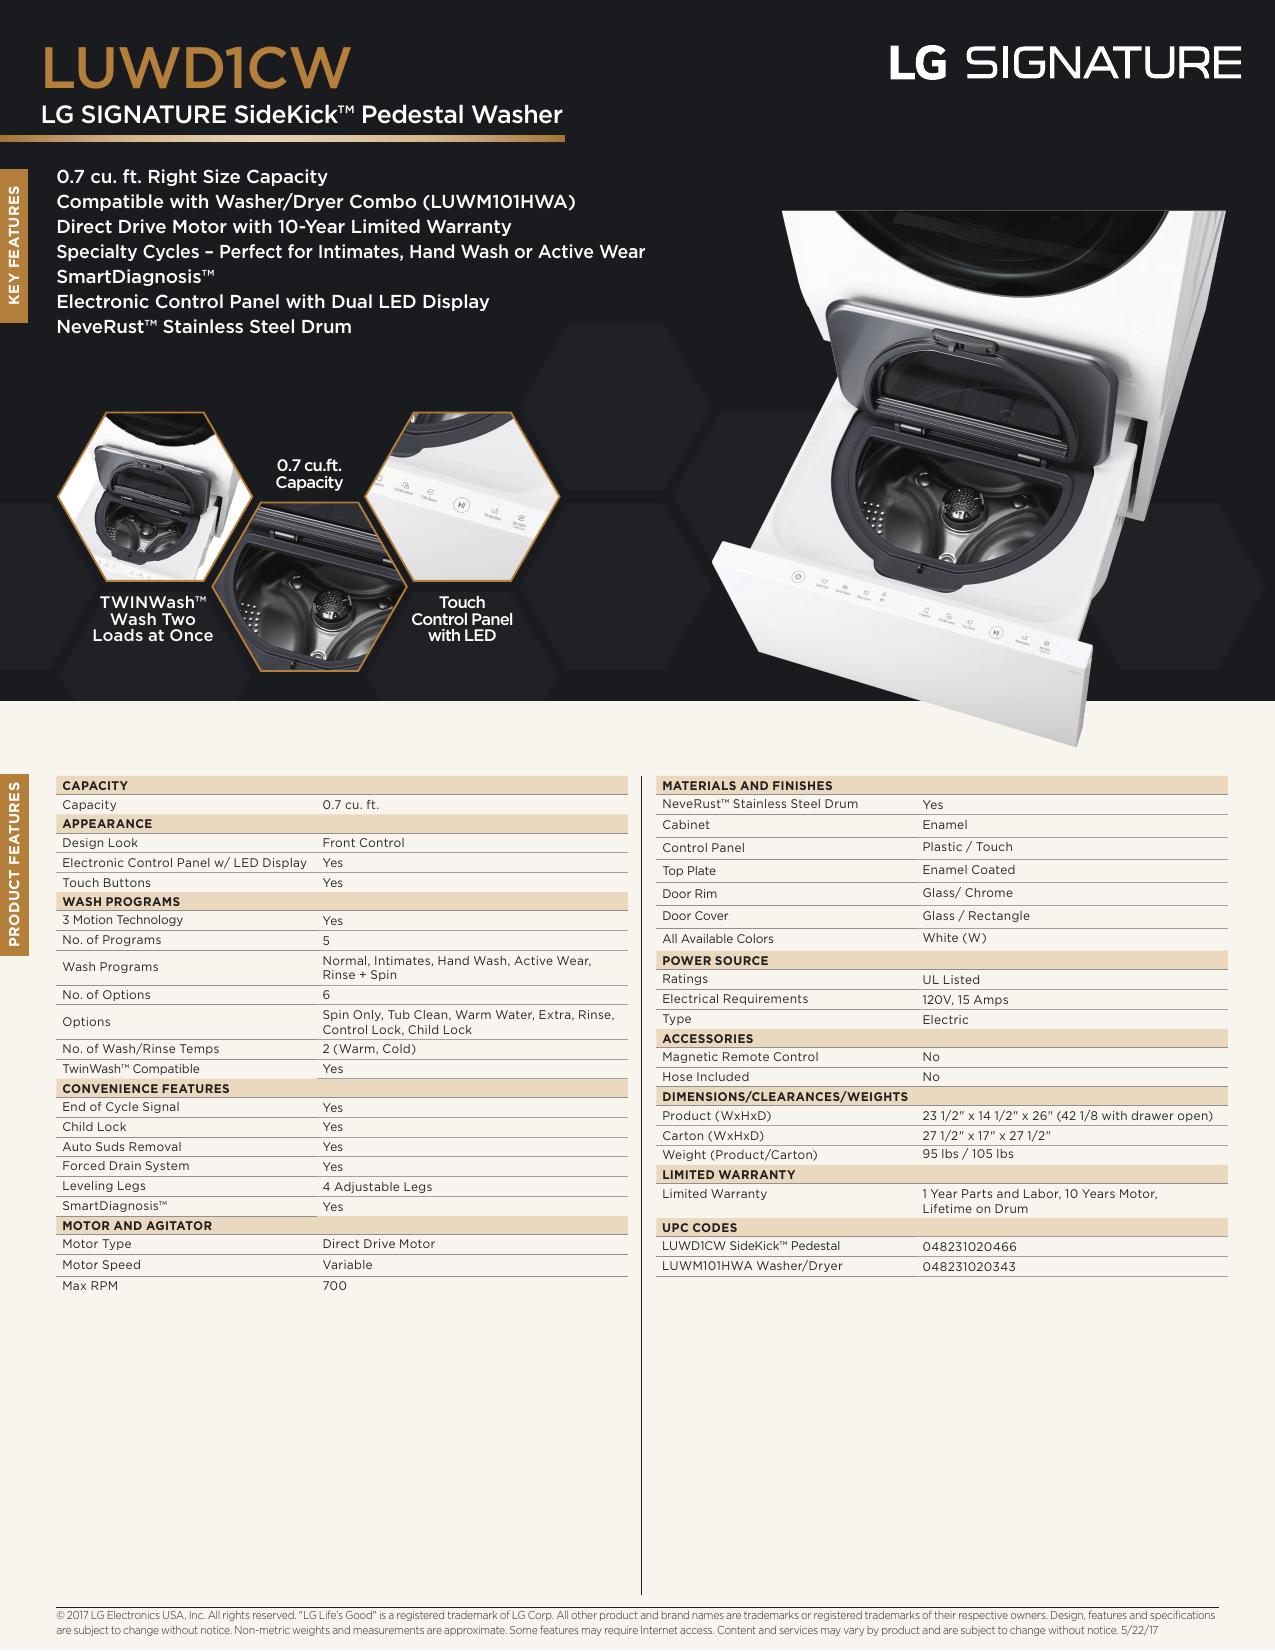 LG Signature LUWD1CW Spec Sheet | manualzz com